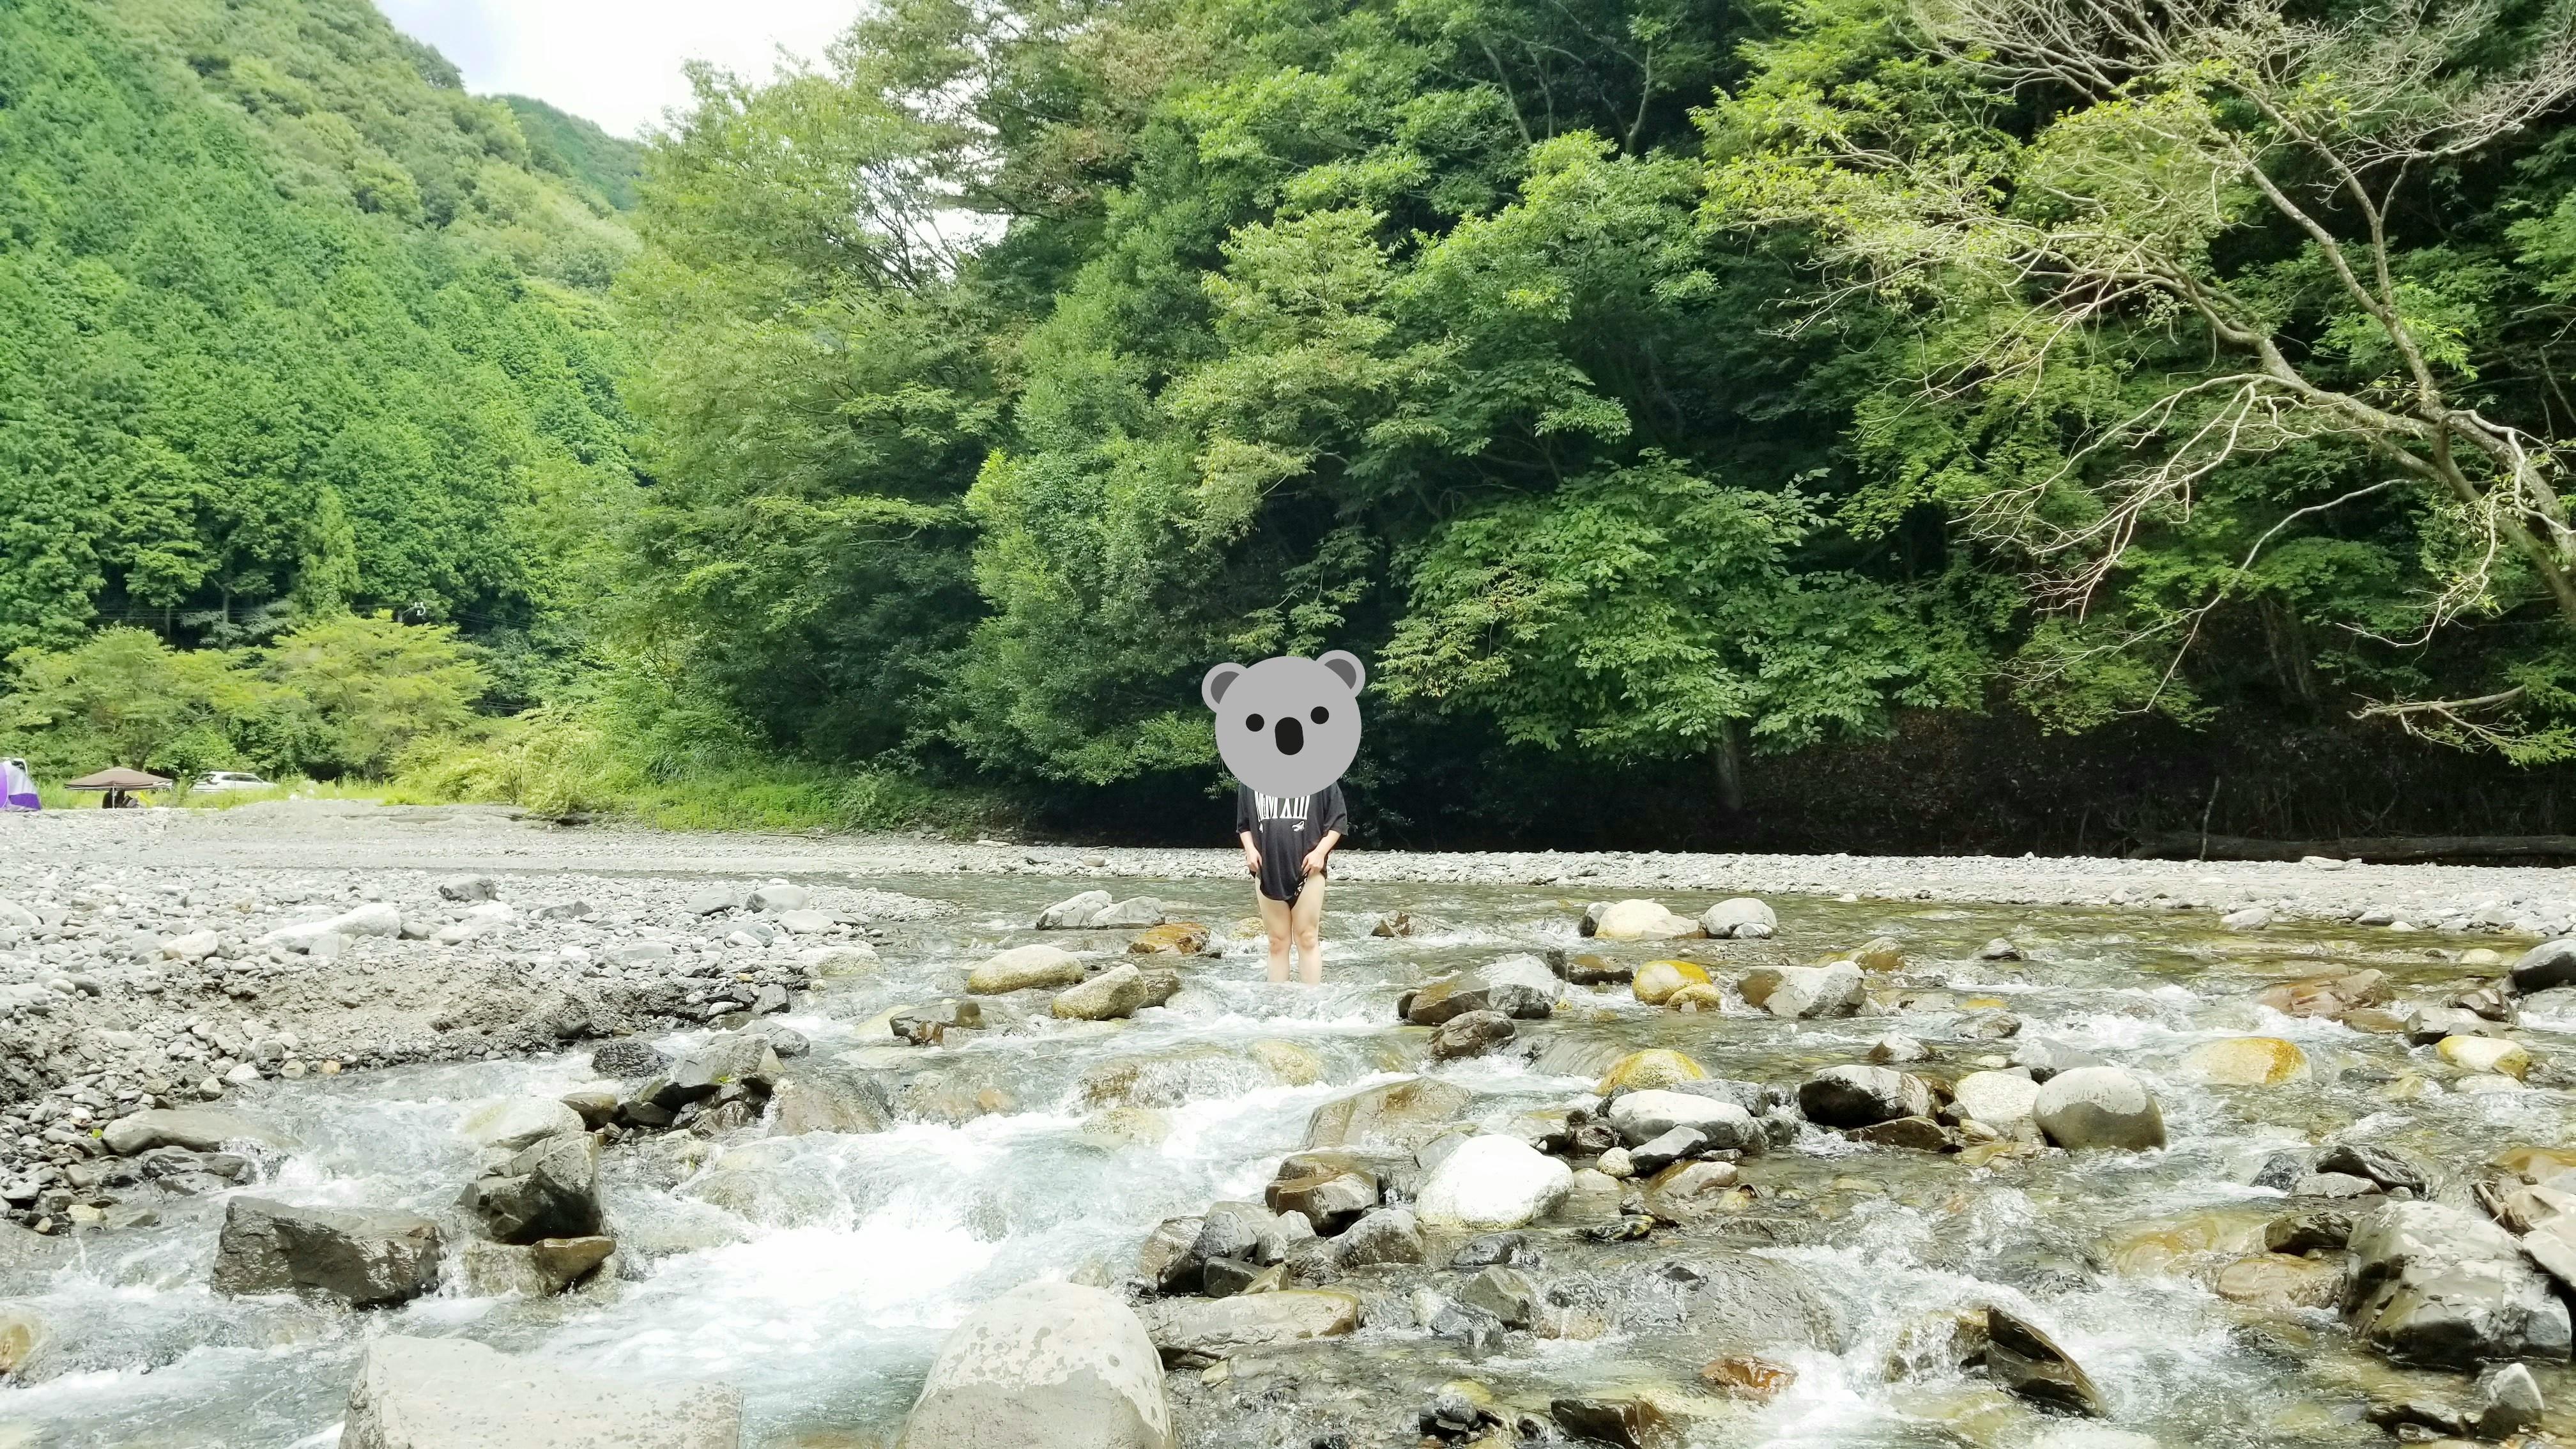 愛媛県松山市ふるさと村川遊び河夏に楽しい穴場スポット人気自然森